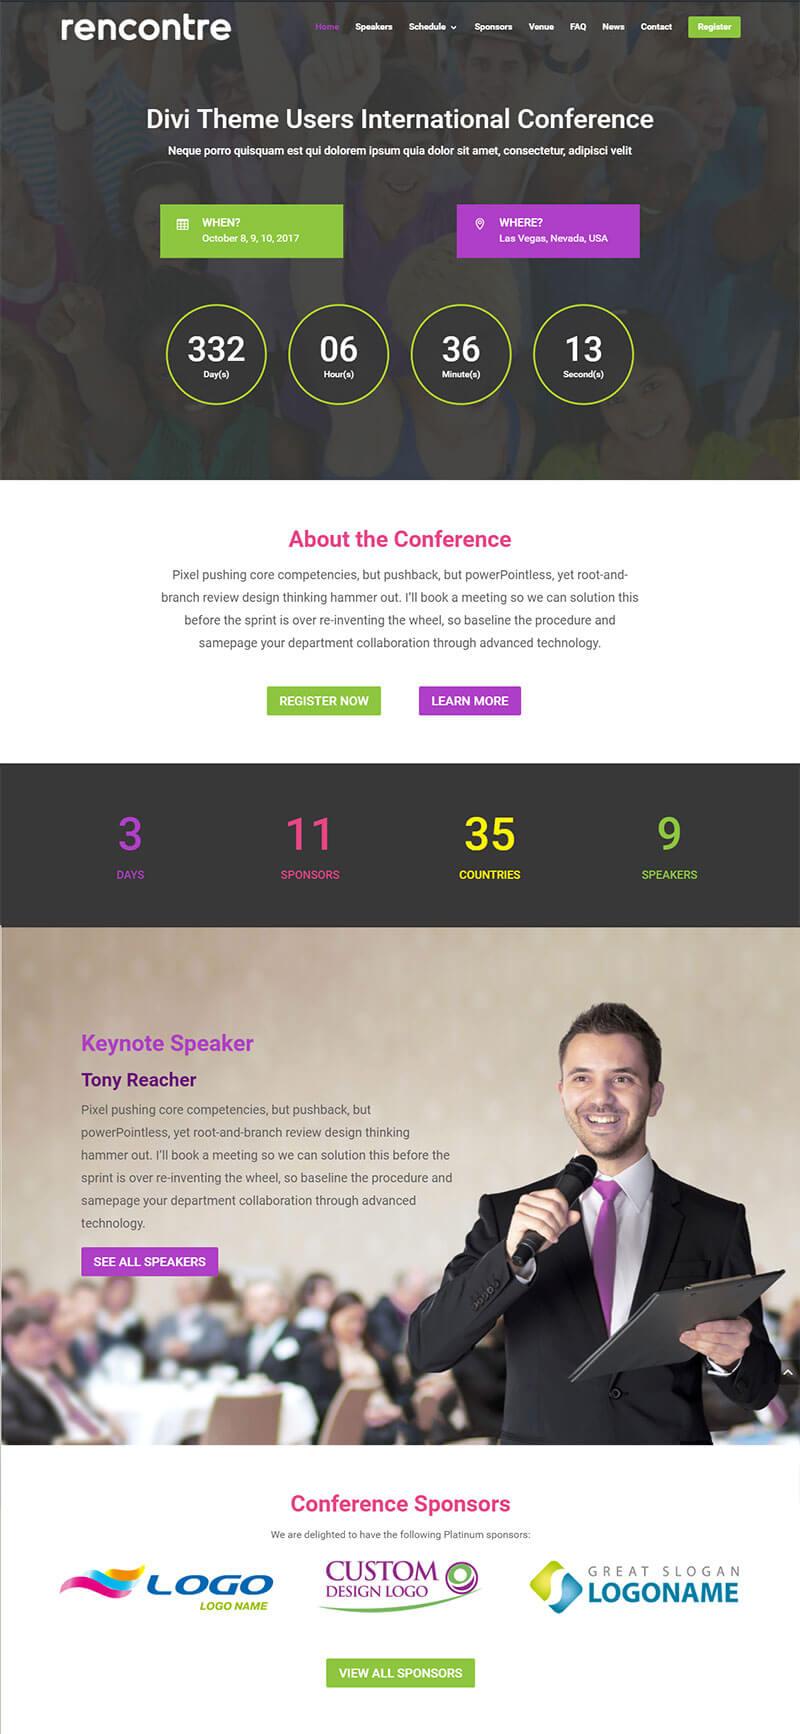 créer un grand profil en ligne datant